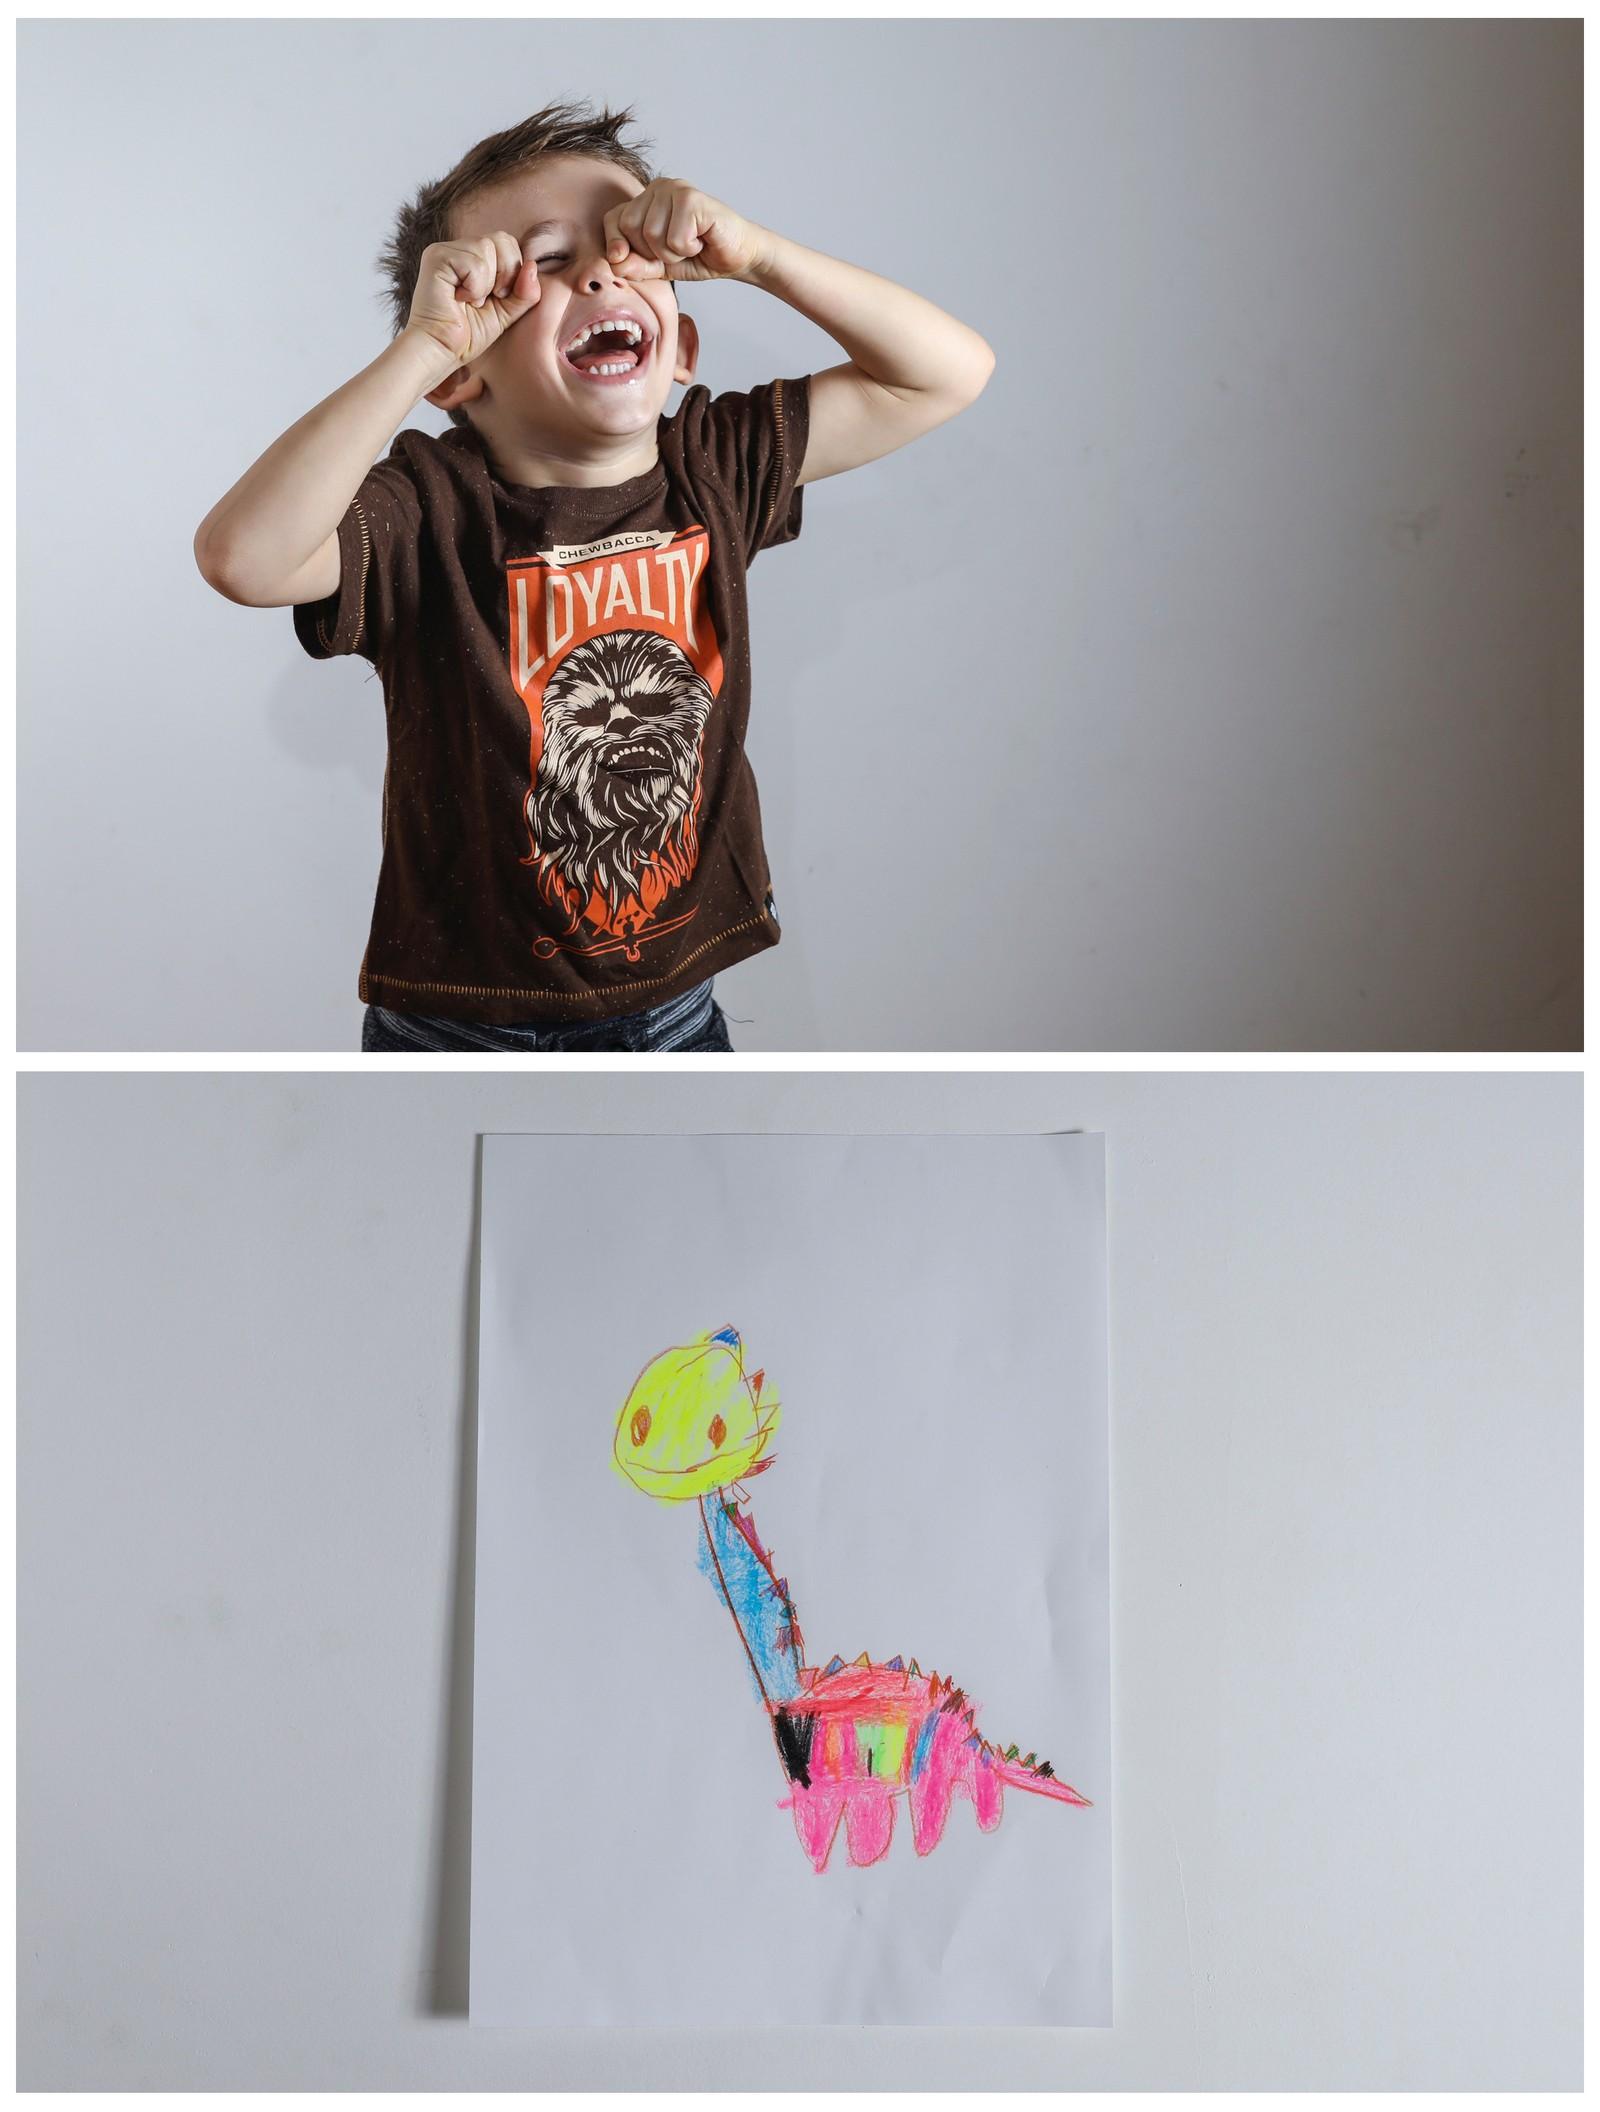 Serbiske Maxim (4) ler godt foran kameraet sammen med en tegning av hva han ønsker seg til jul. Nyhetsbyrået Reuters har fotografert barn fra hele verden og spurt dem hva de ønsker seg fra nissen i år. Maxim ønsker seg en leke-dinosaur.